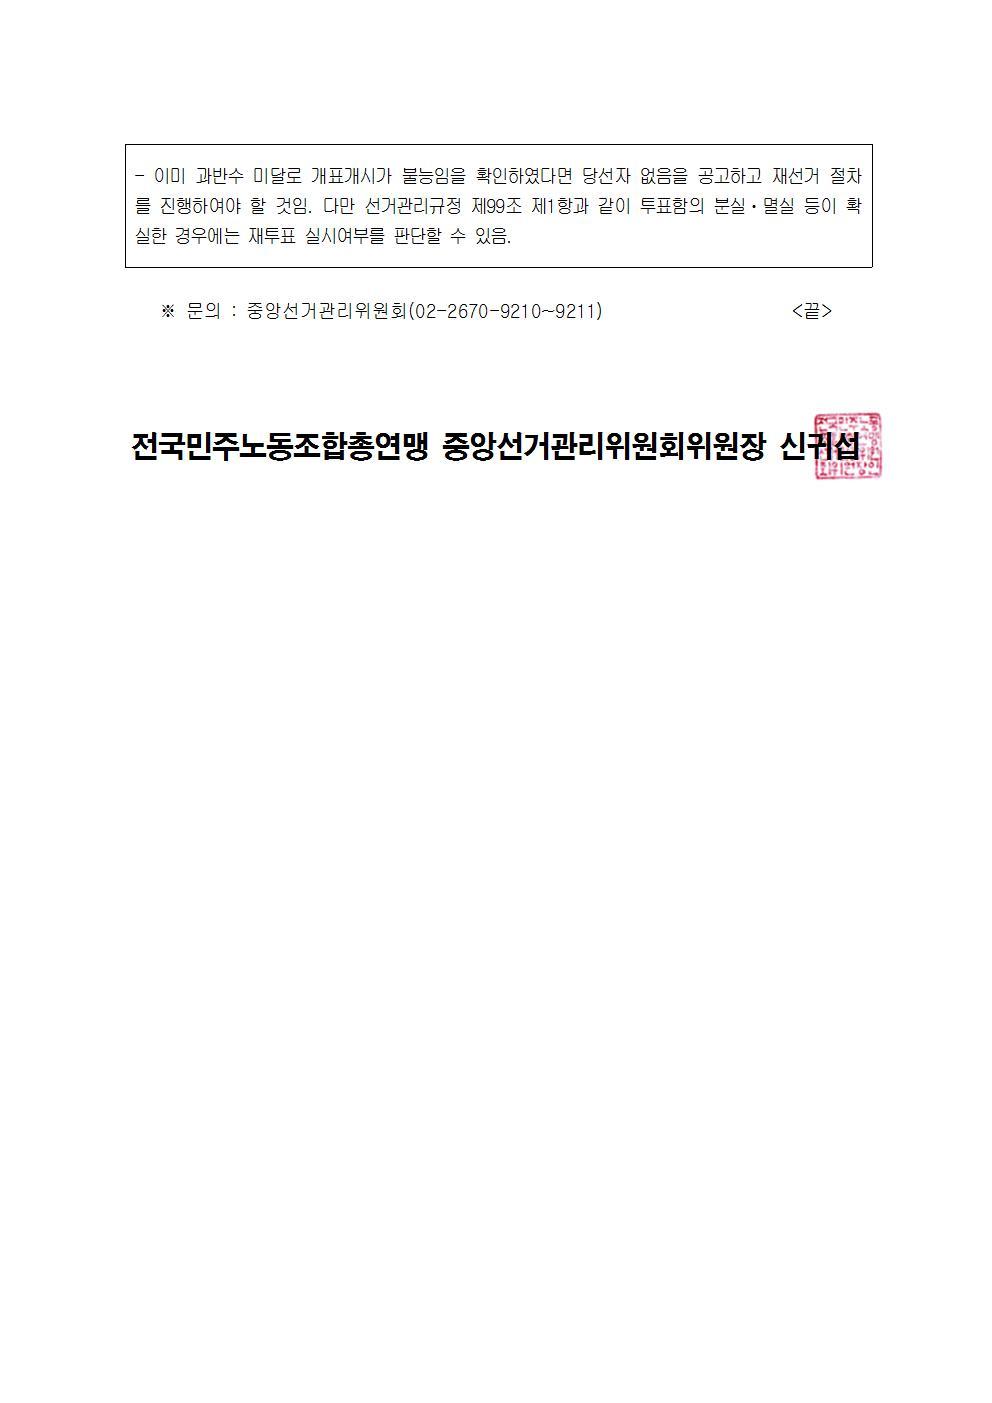 1219 경북본부 선관위 재 질의에 대한 답변002.jpg